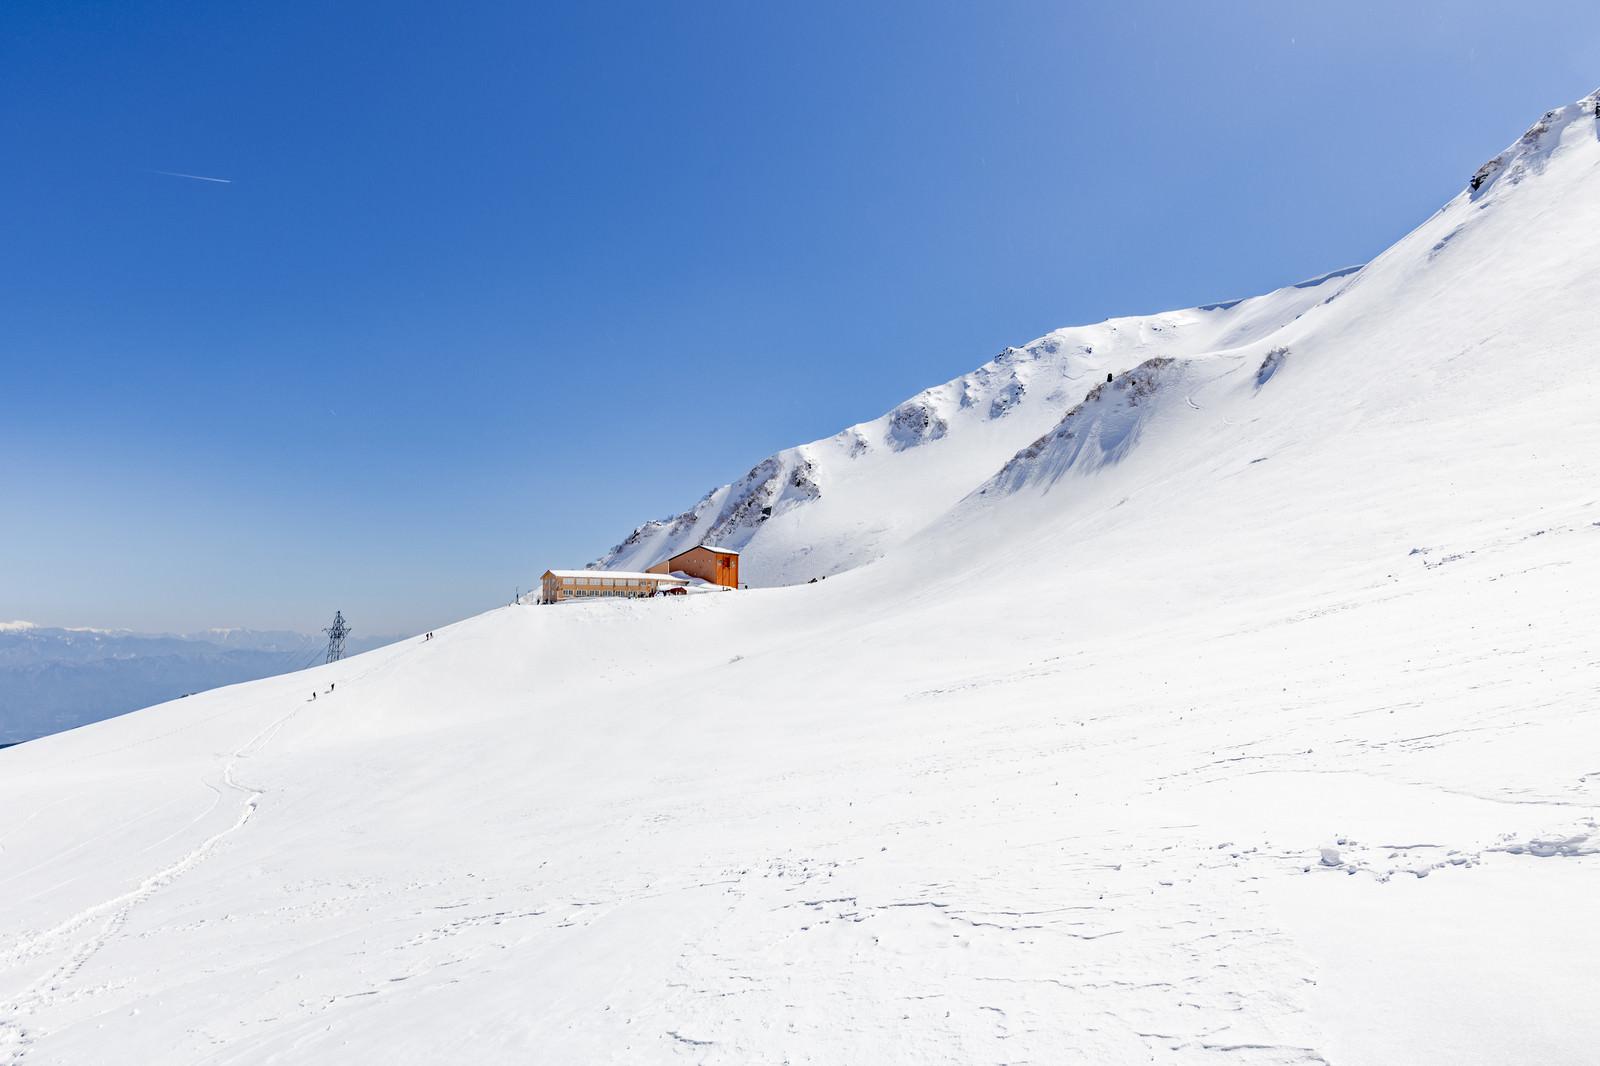 「冬の千畳敷ホテル(木曽駒ヶ岳)」の写真